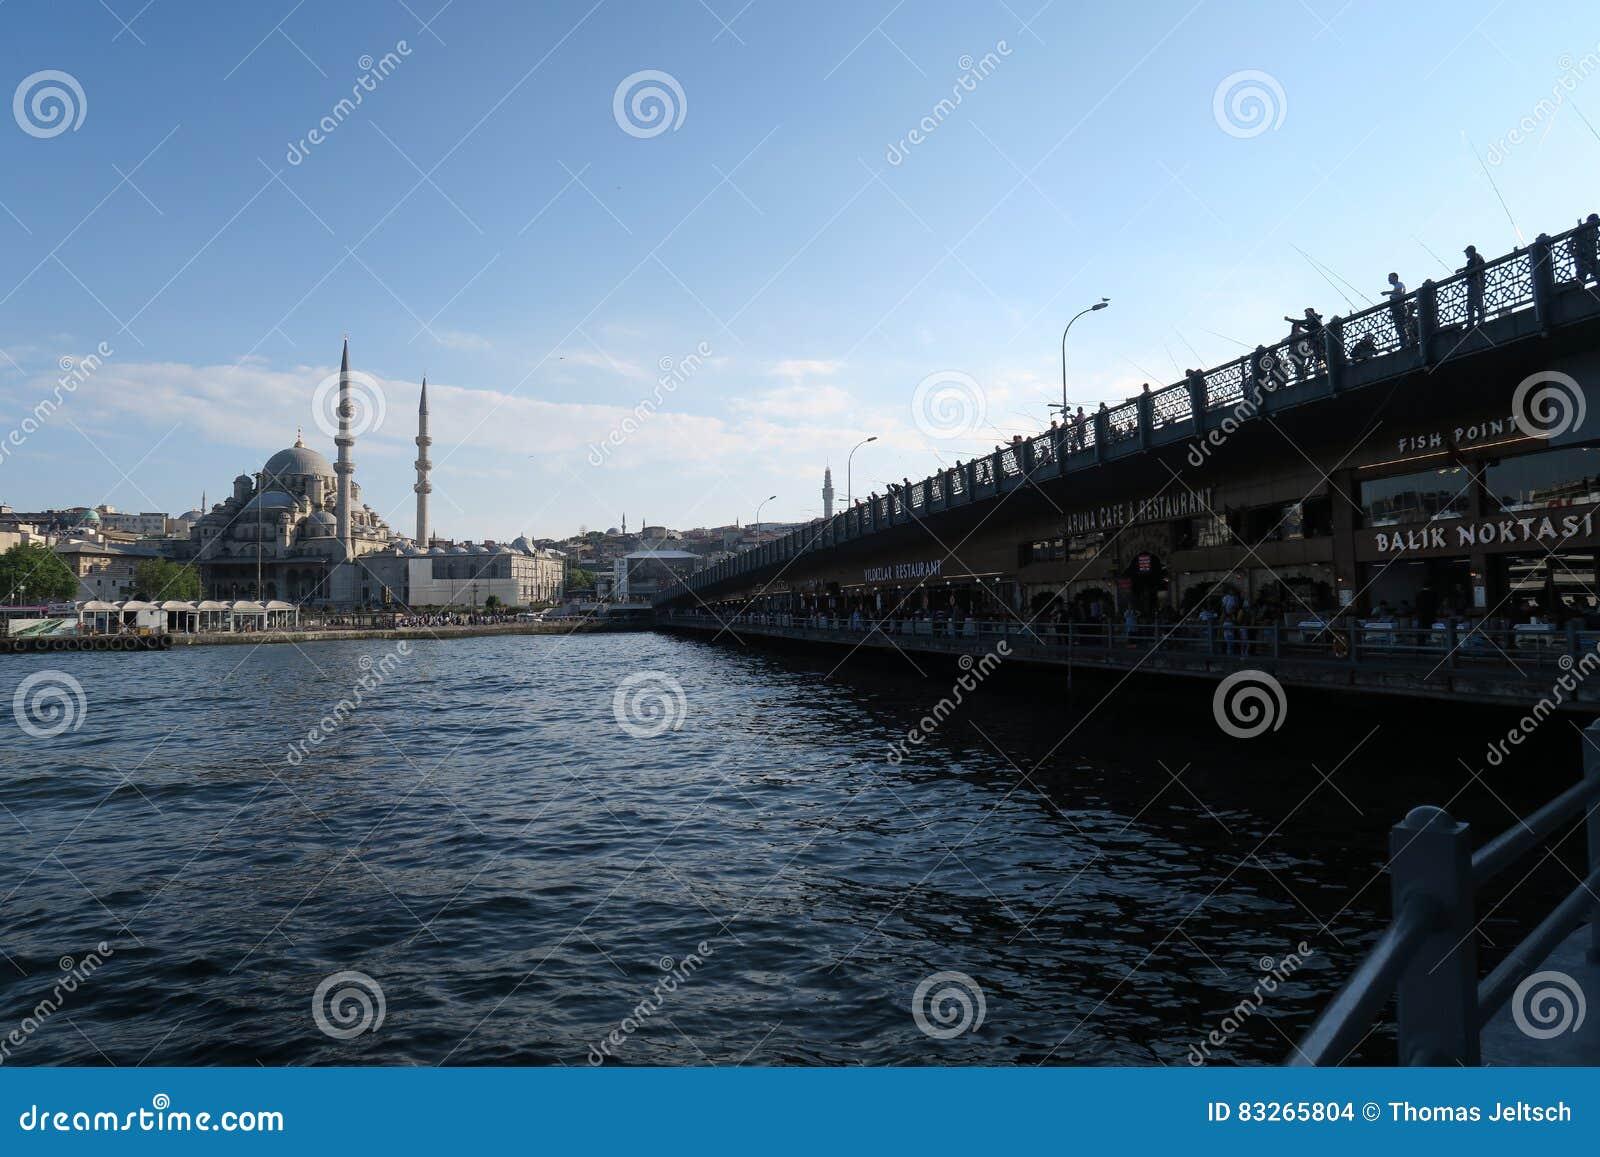 La nouvelle mosquée - Yeni Cami - sultan à l origine appelé de Valide à Istanbul, Turquie